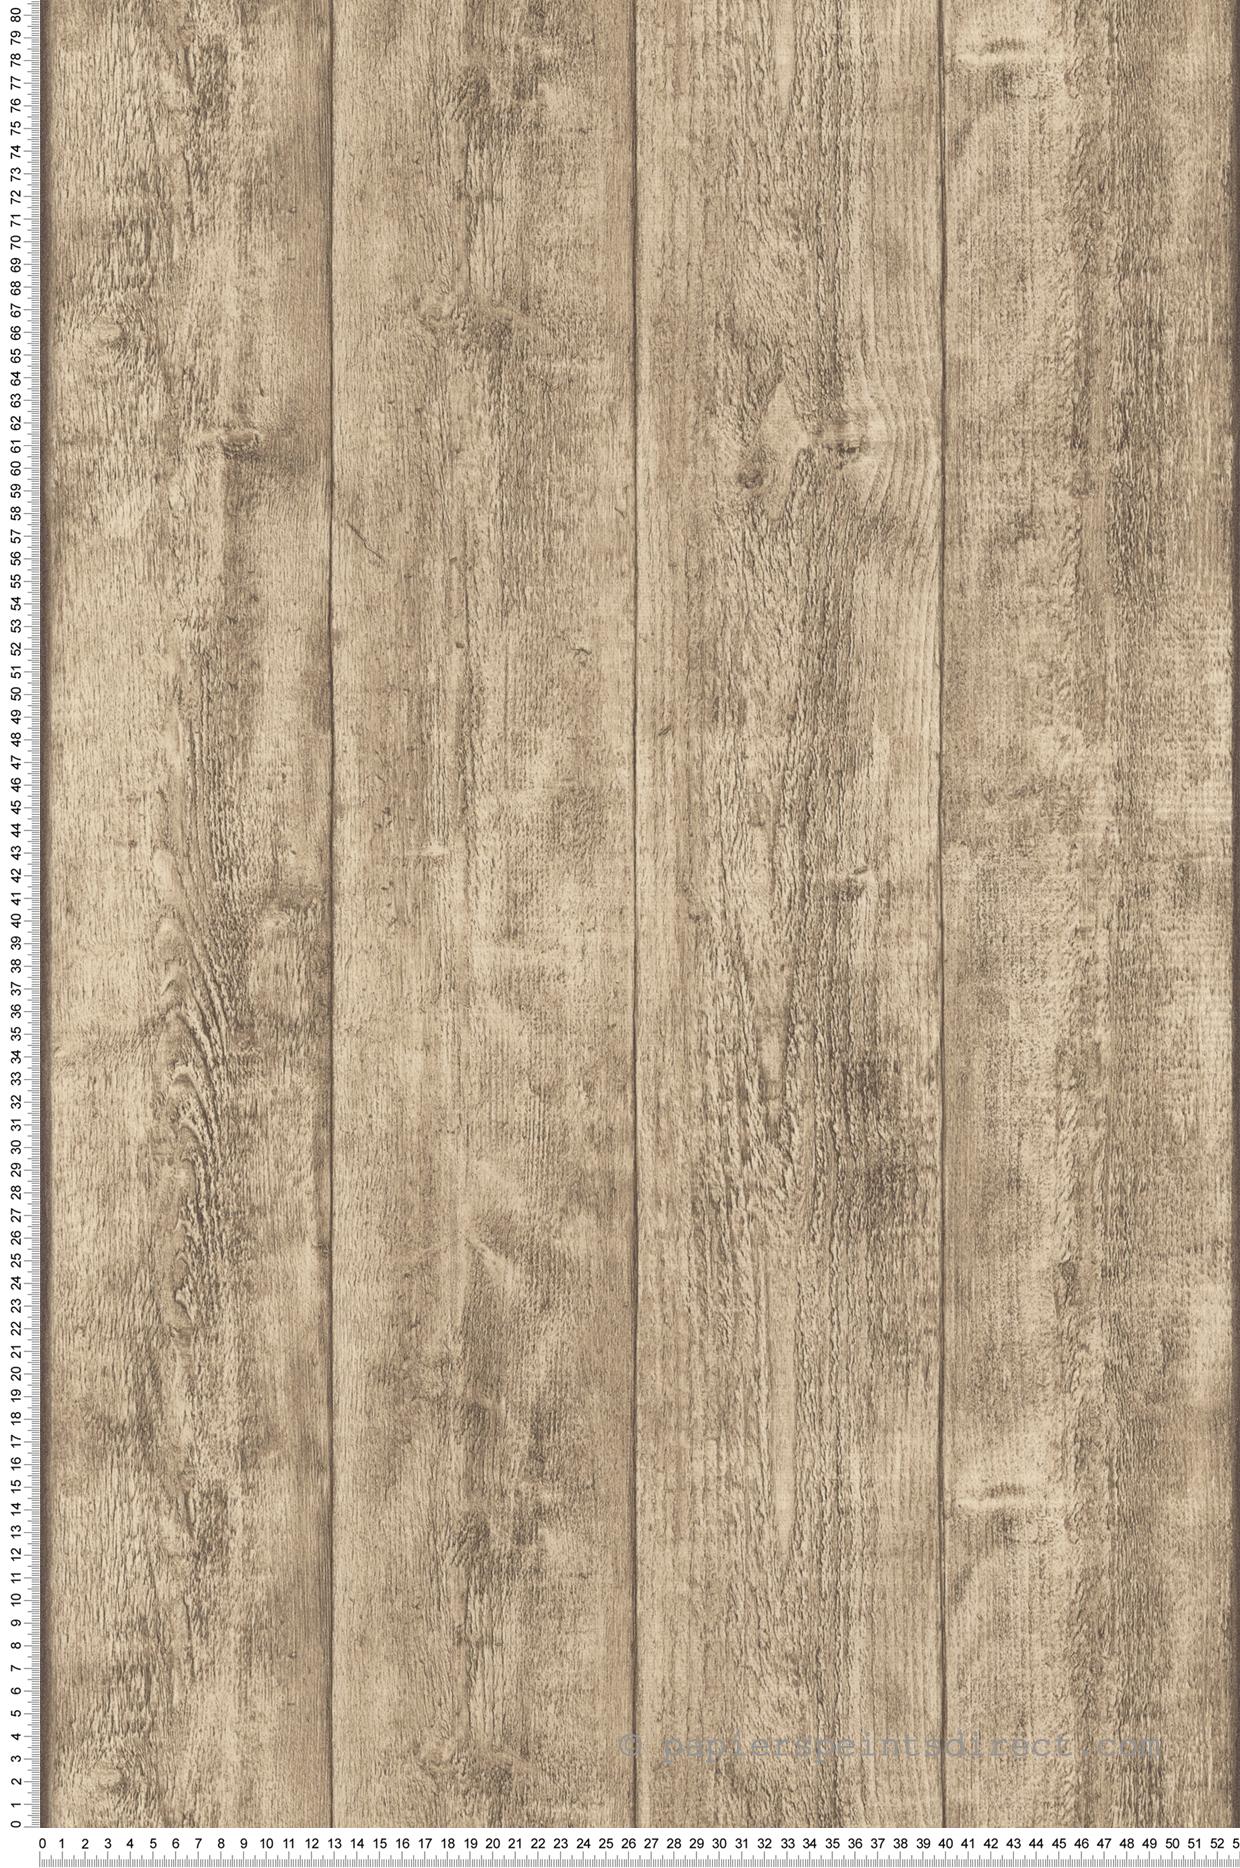 Deco Chambre Lambris Bois papier peint lambris bois beige - wood n stone 2 d'as création